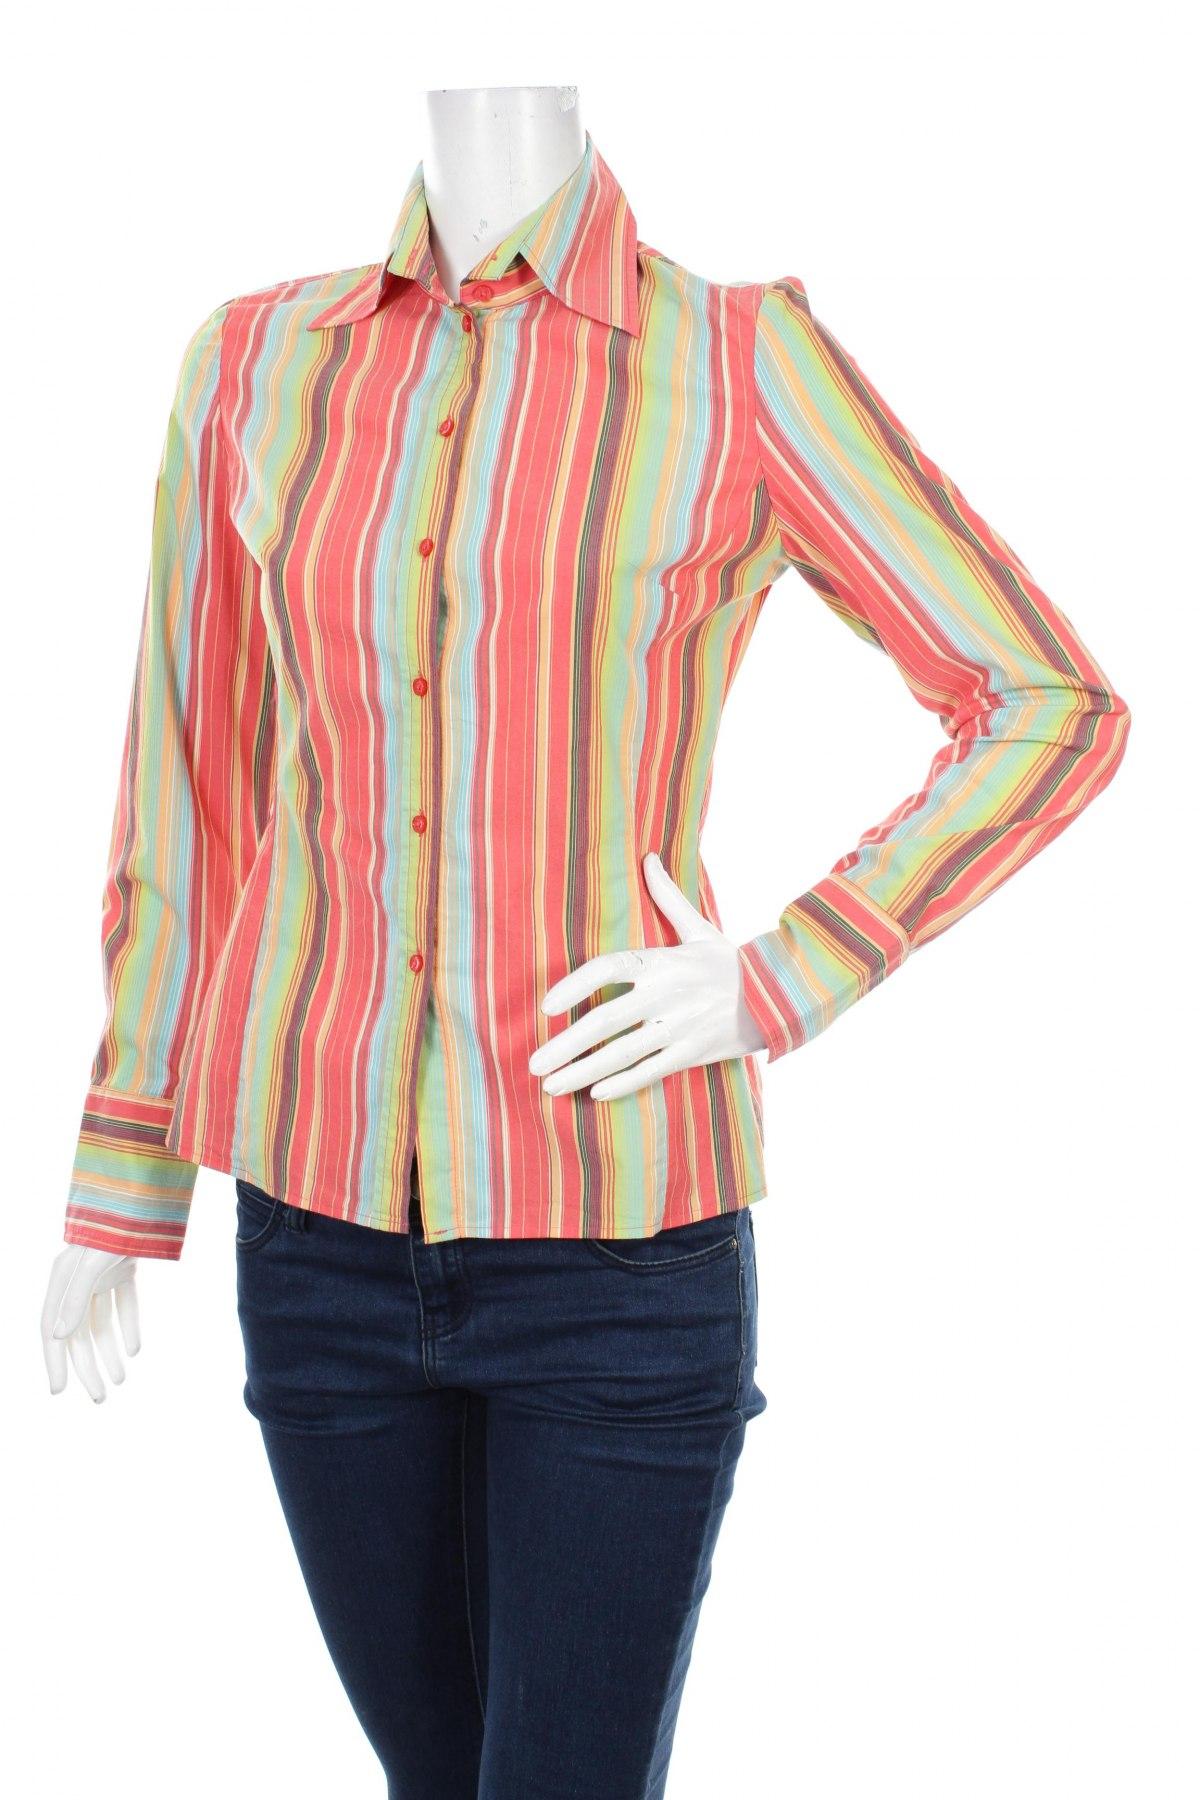 Γυναικείο πουκάμισο Mexx, Μέγεθος S, Χρώμα Πολύχρωμο, 65% βαμβάκι, 30% πολυαμίδη, 5% ελαστάνη, Τιμή 17,53€